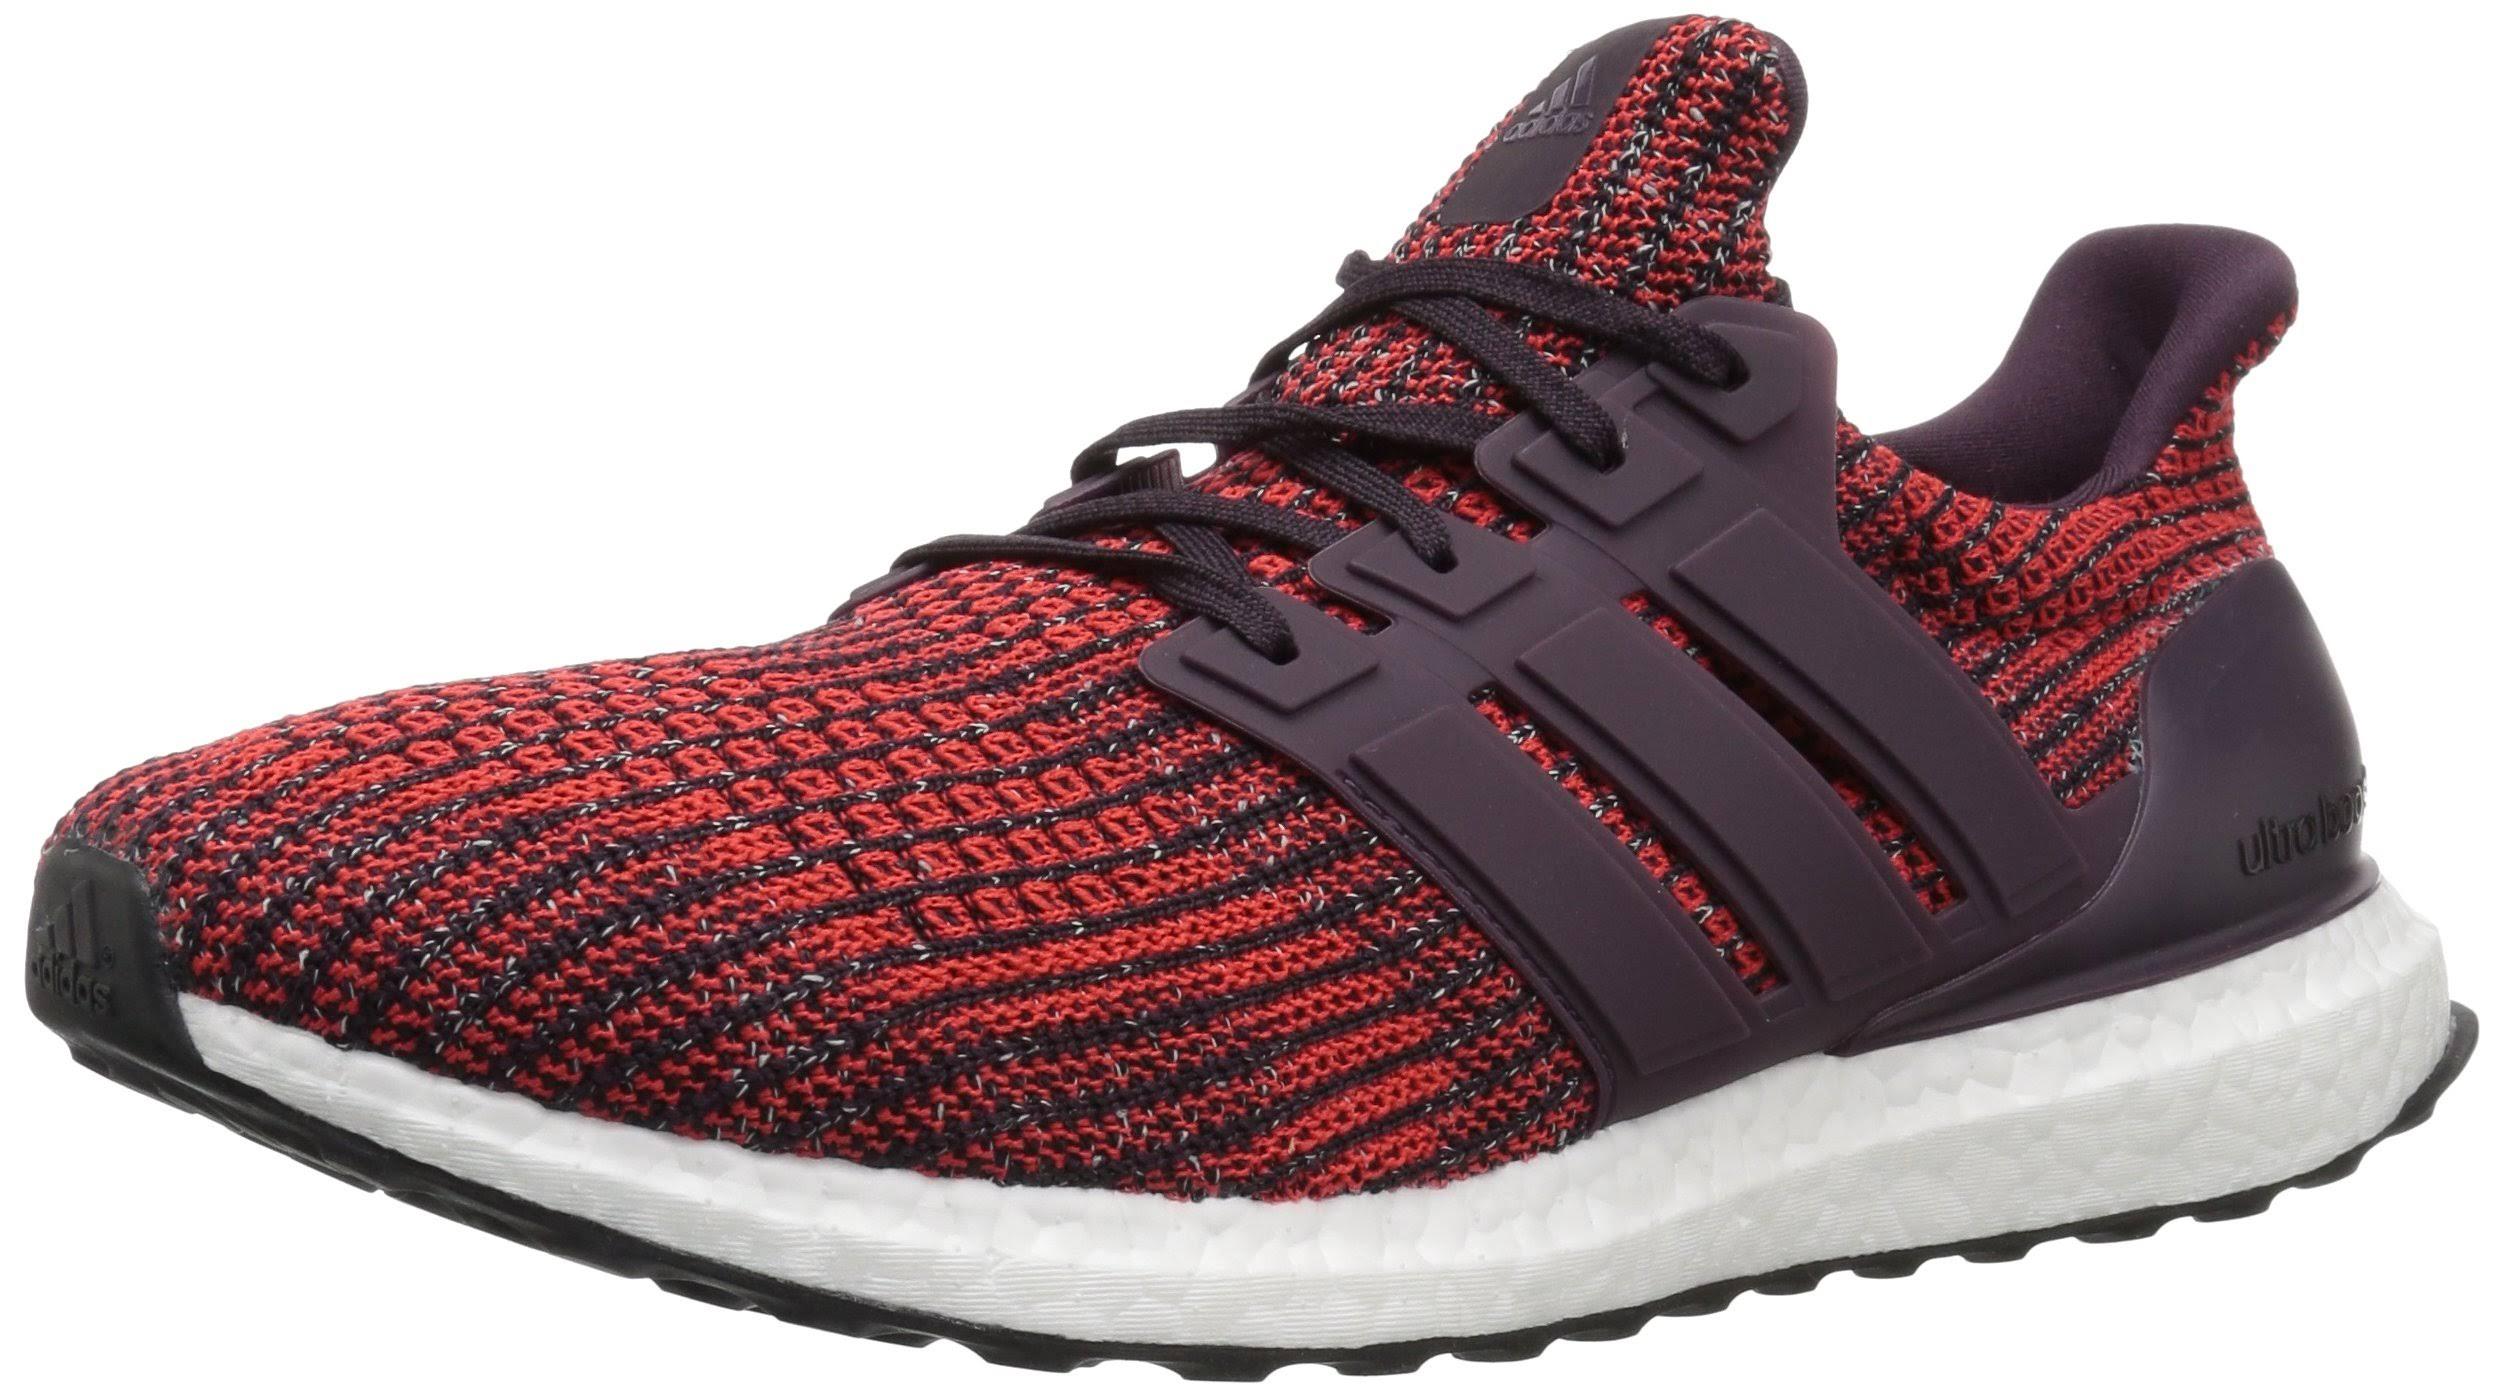 De Boost Adidas Running Tamaño Cp9248 Zapatillas 9 Hombre 5 Para Ultra tx4w4aqf